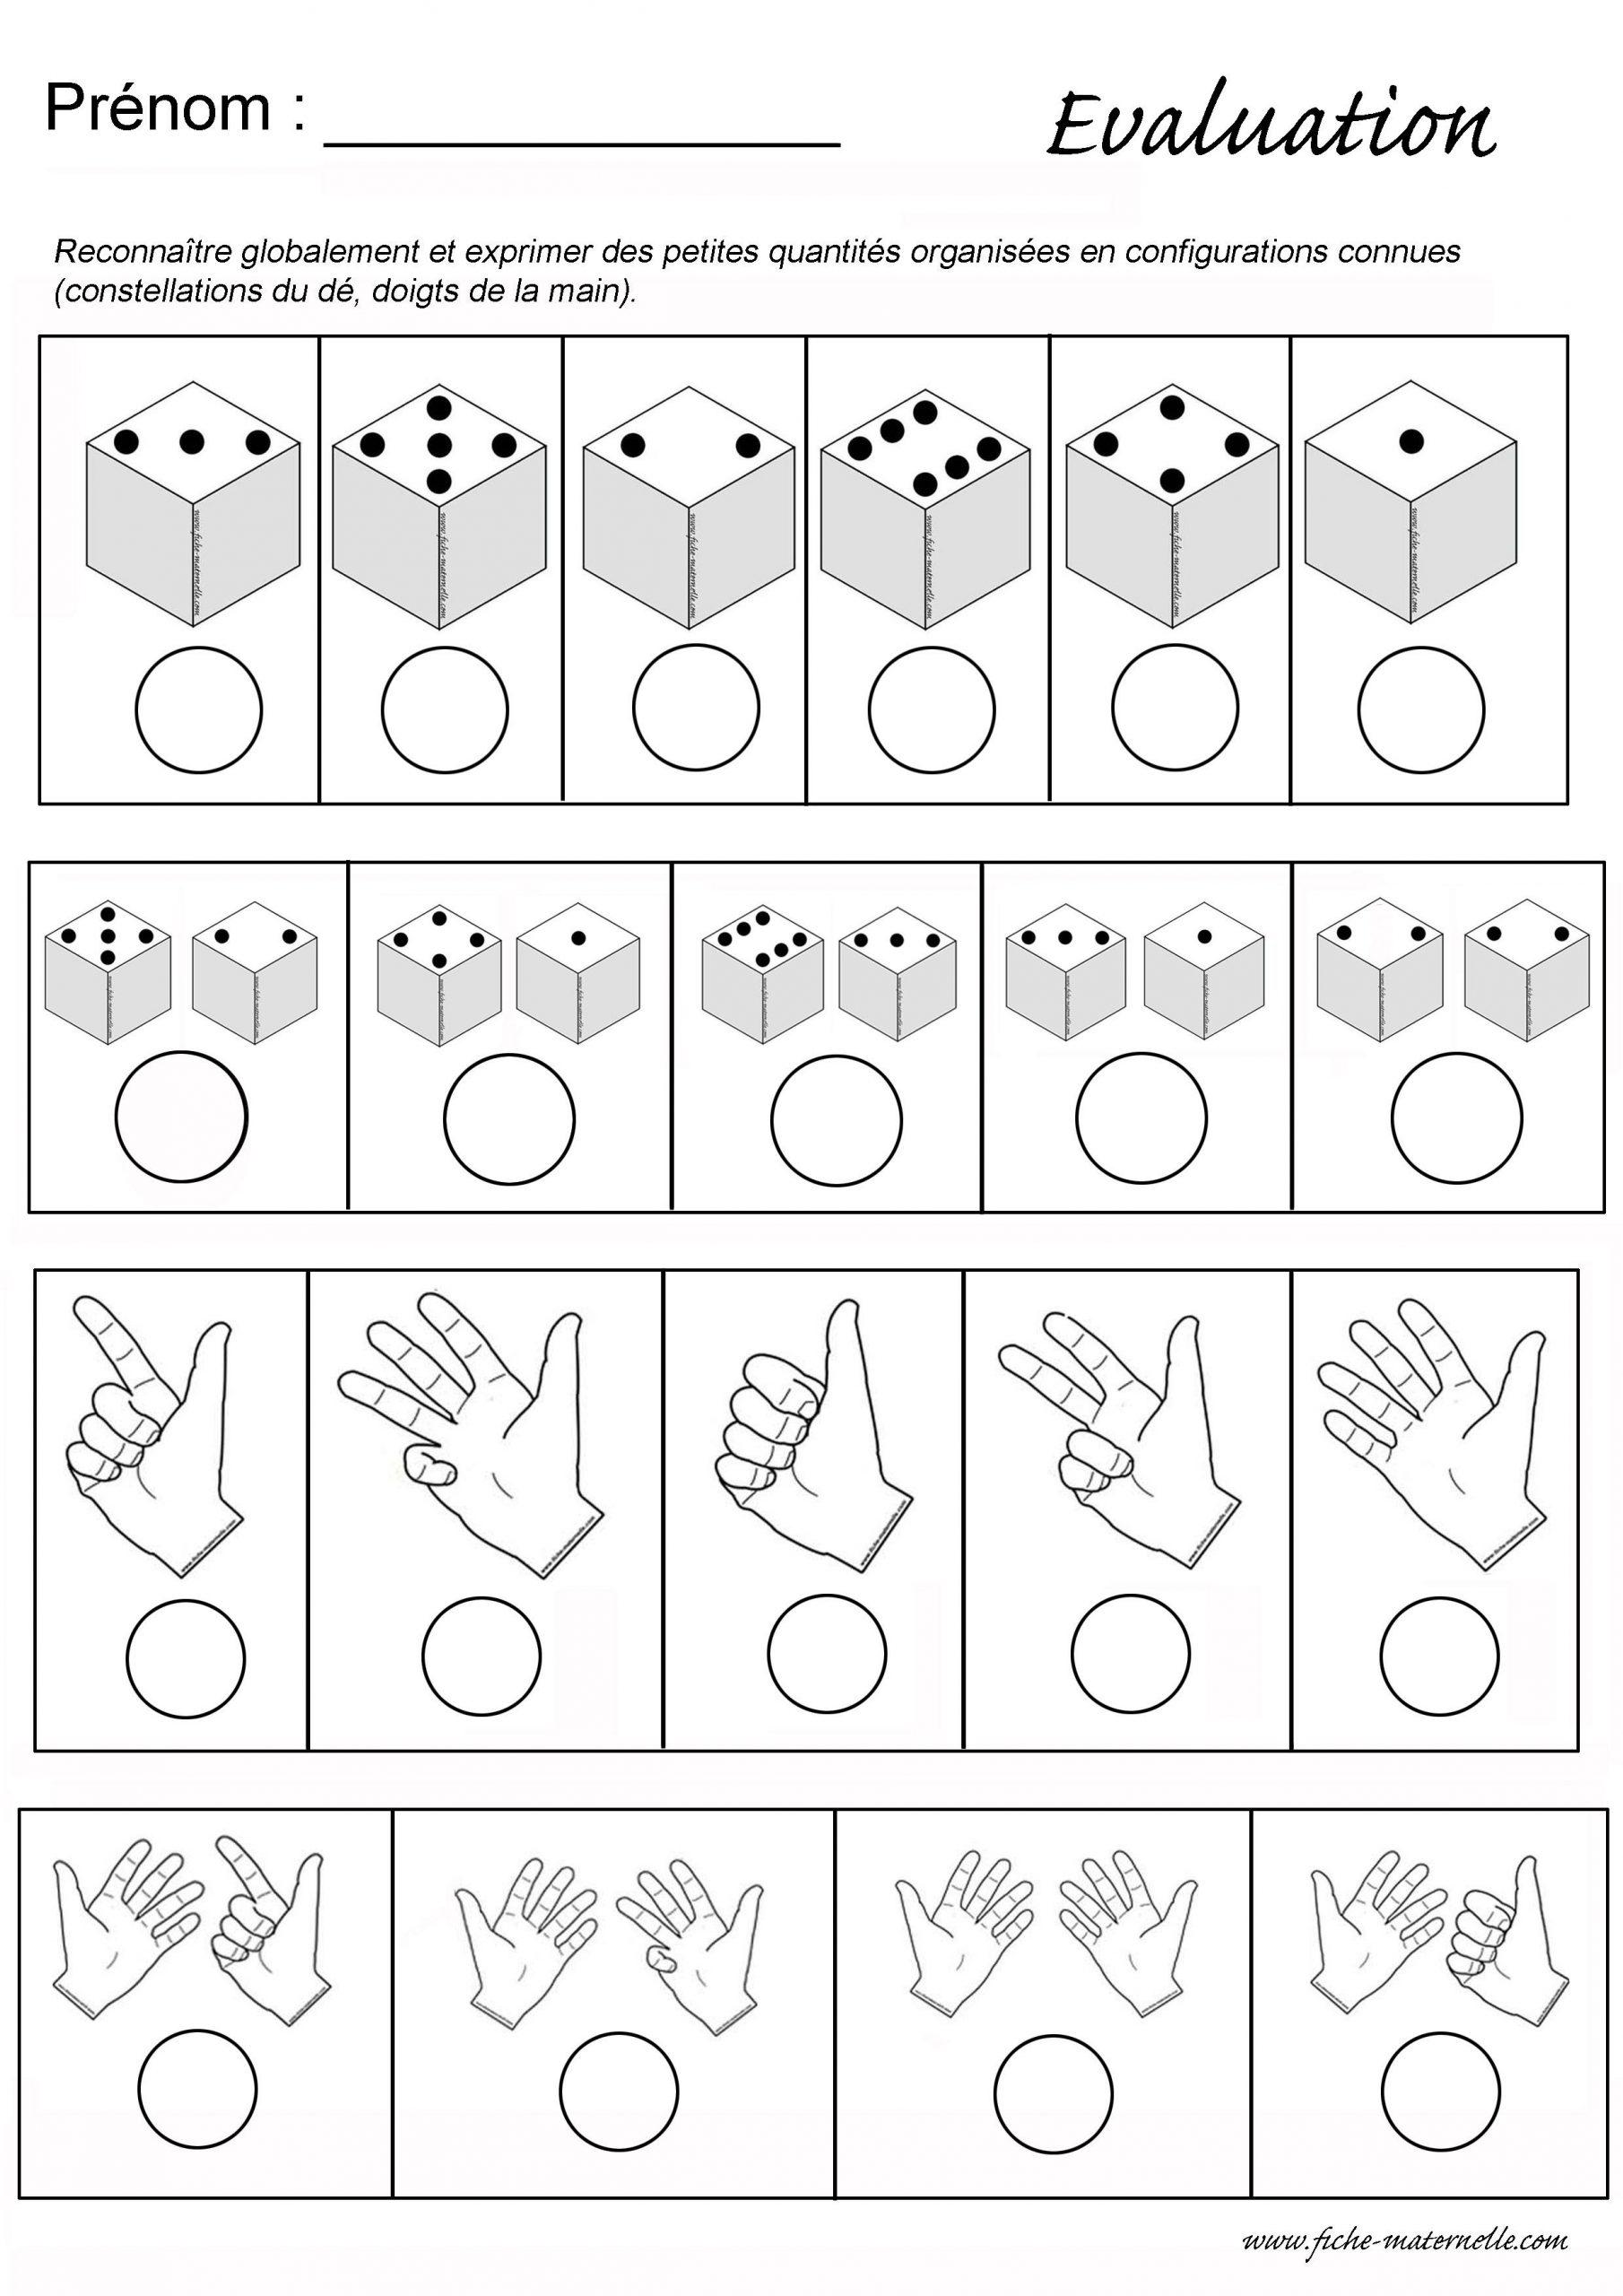 Evaluation Maths En Maternelle : Constellations Et Doigts De dedans Fiche Maternelle Moyenne Section À Imprimer